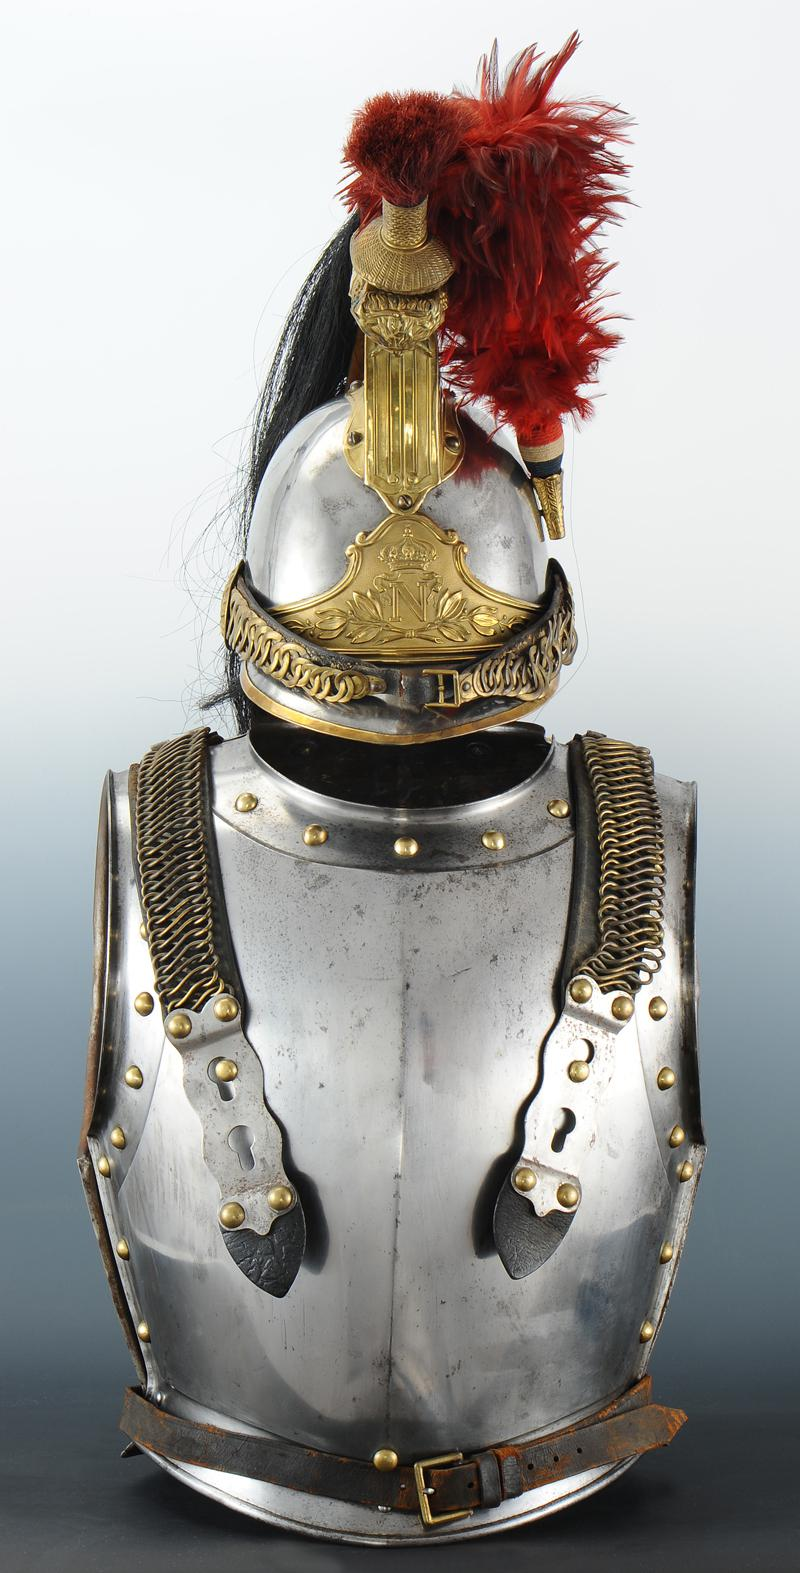 ensemble casque et cuirasse de cuirassiers de la garde imp riale mod le 1854 second empire. Black Bedroom Furniture Sets. Home Design Ideas